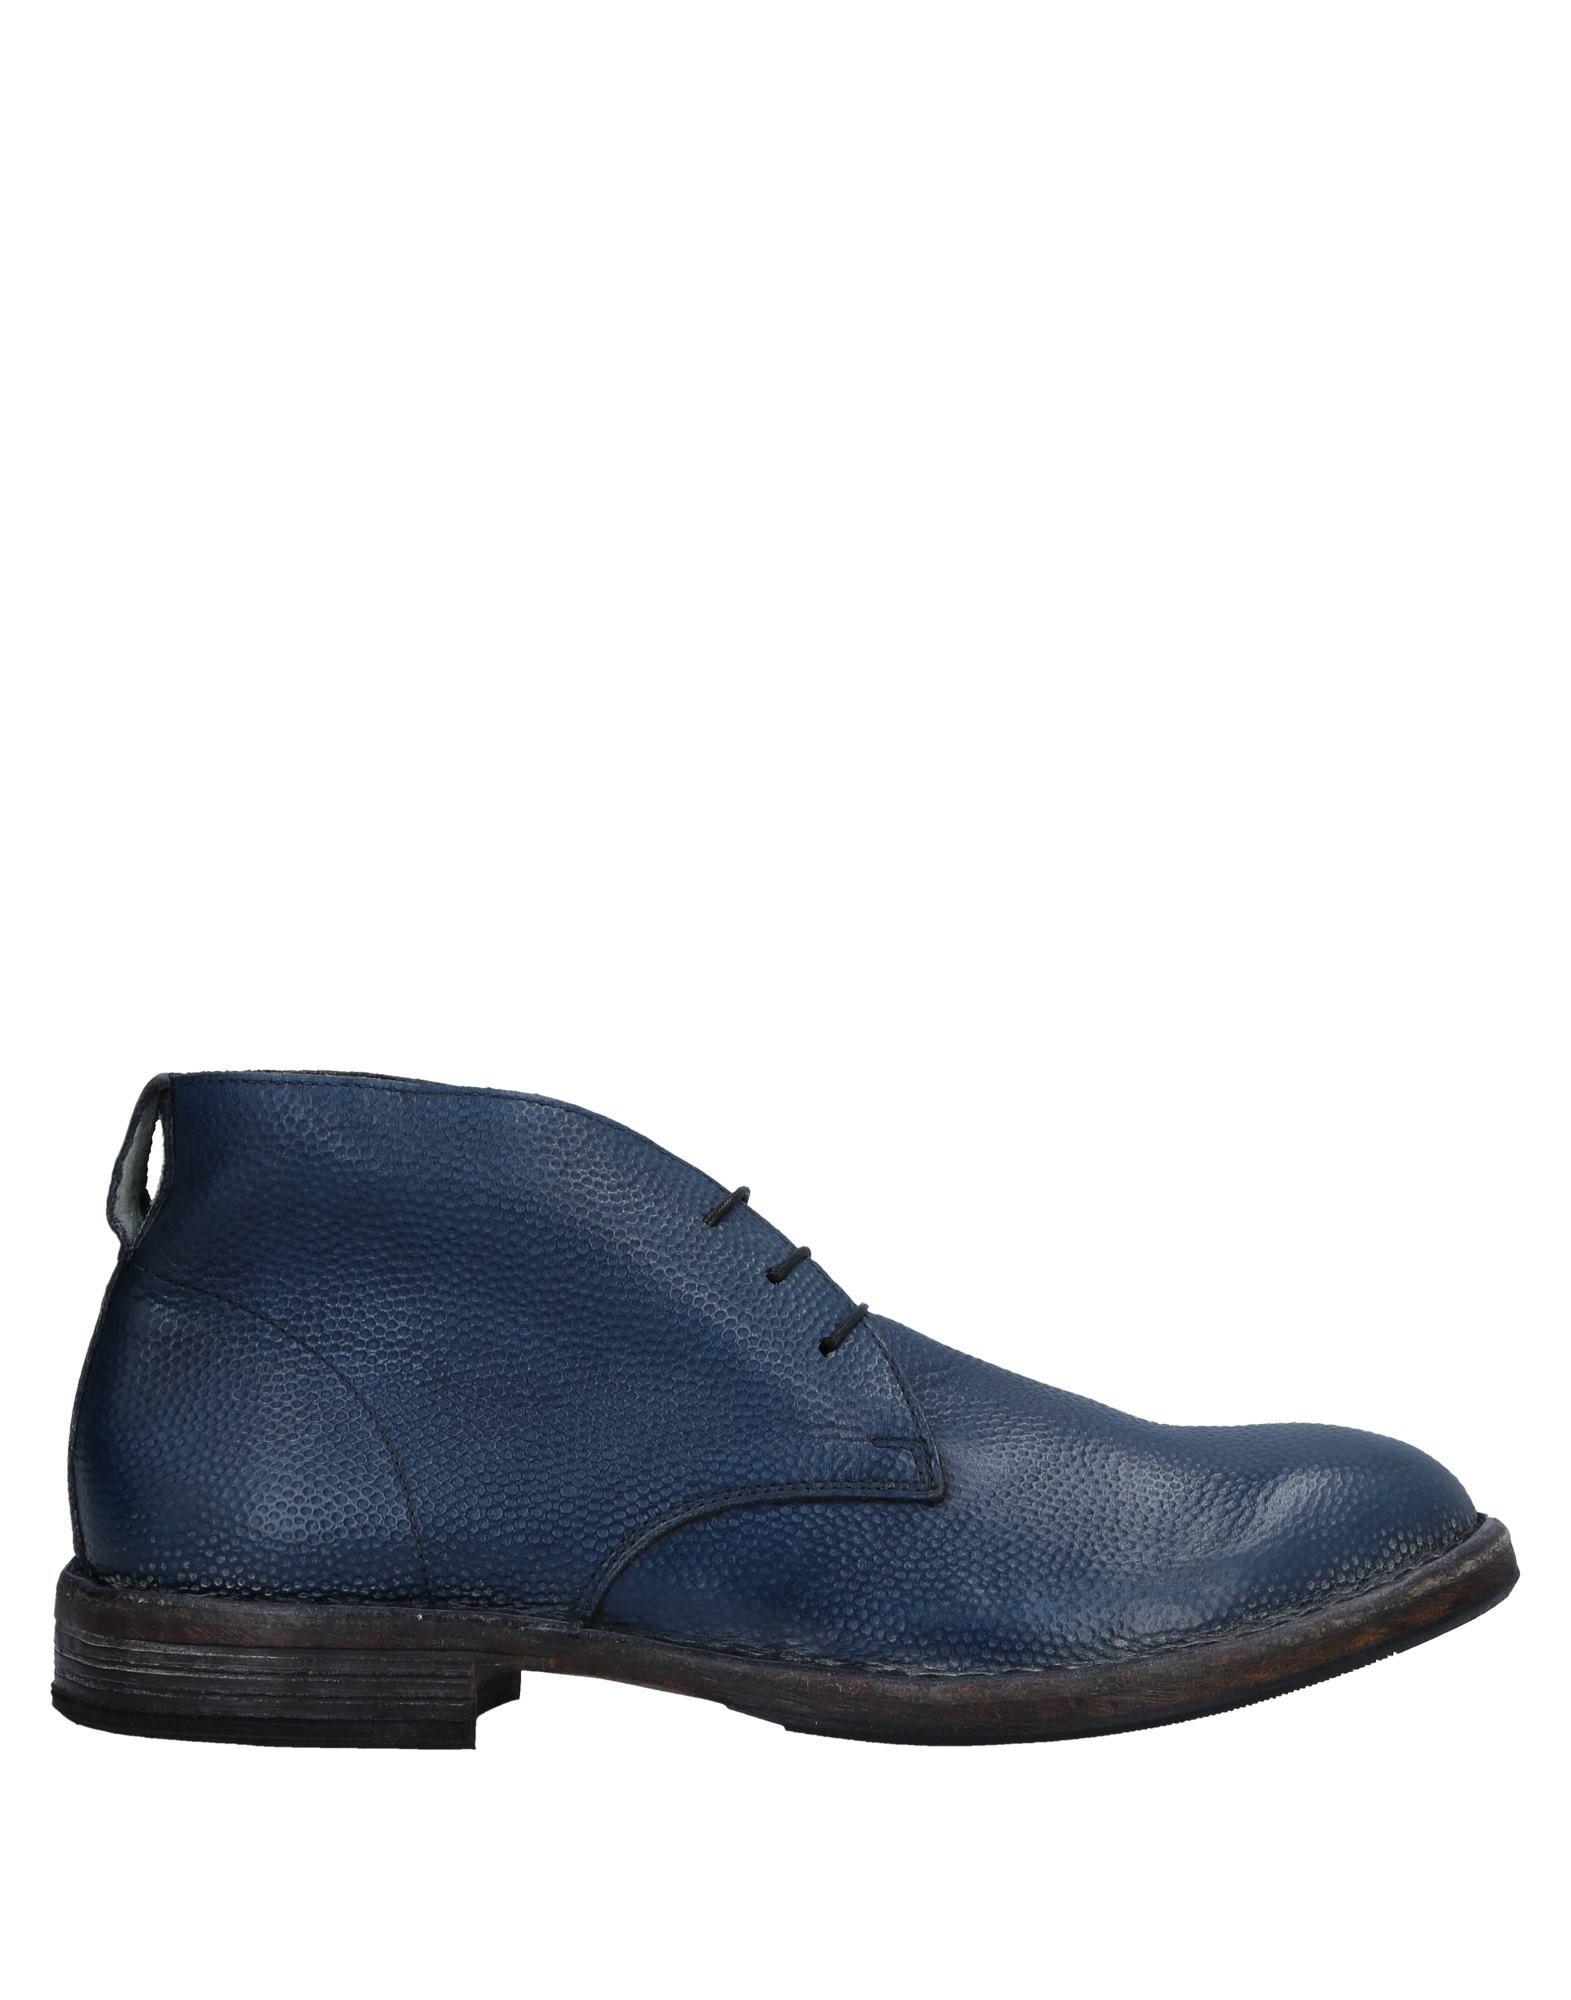 Moma Stiefelette Gute Herren  11518669OW Gute Stiefelette Qualität beliebte Schuhe 1baa69